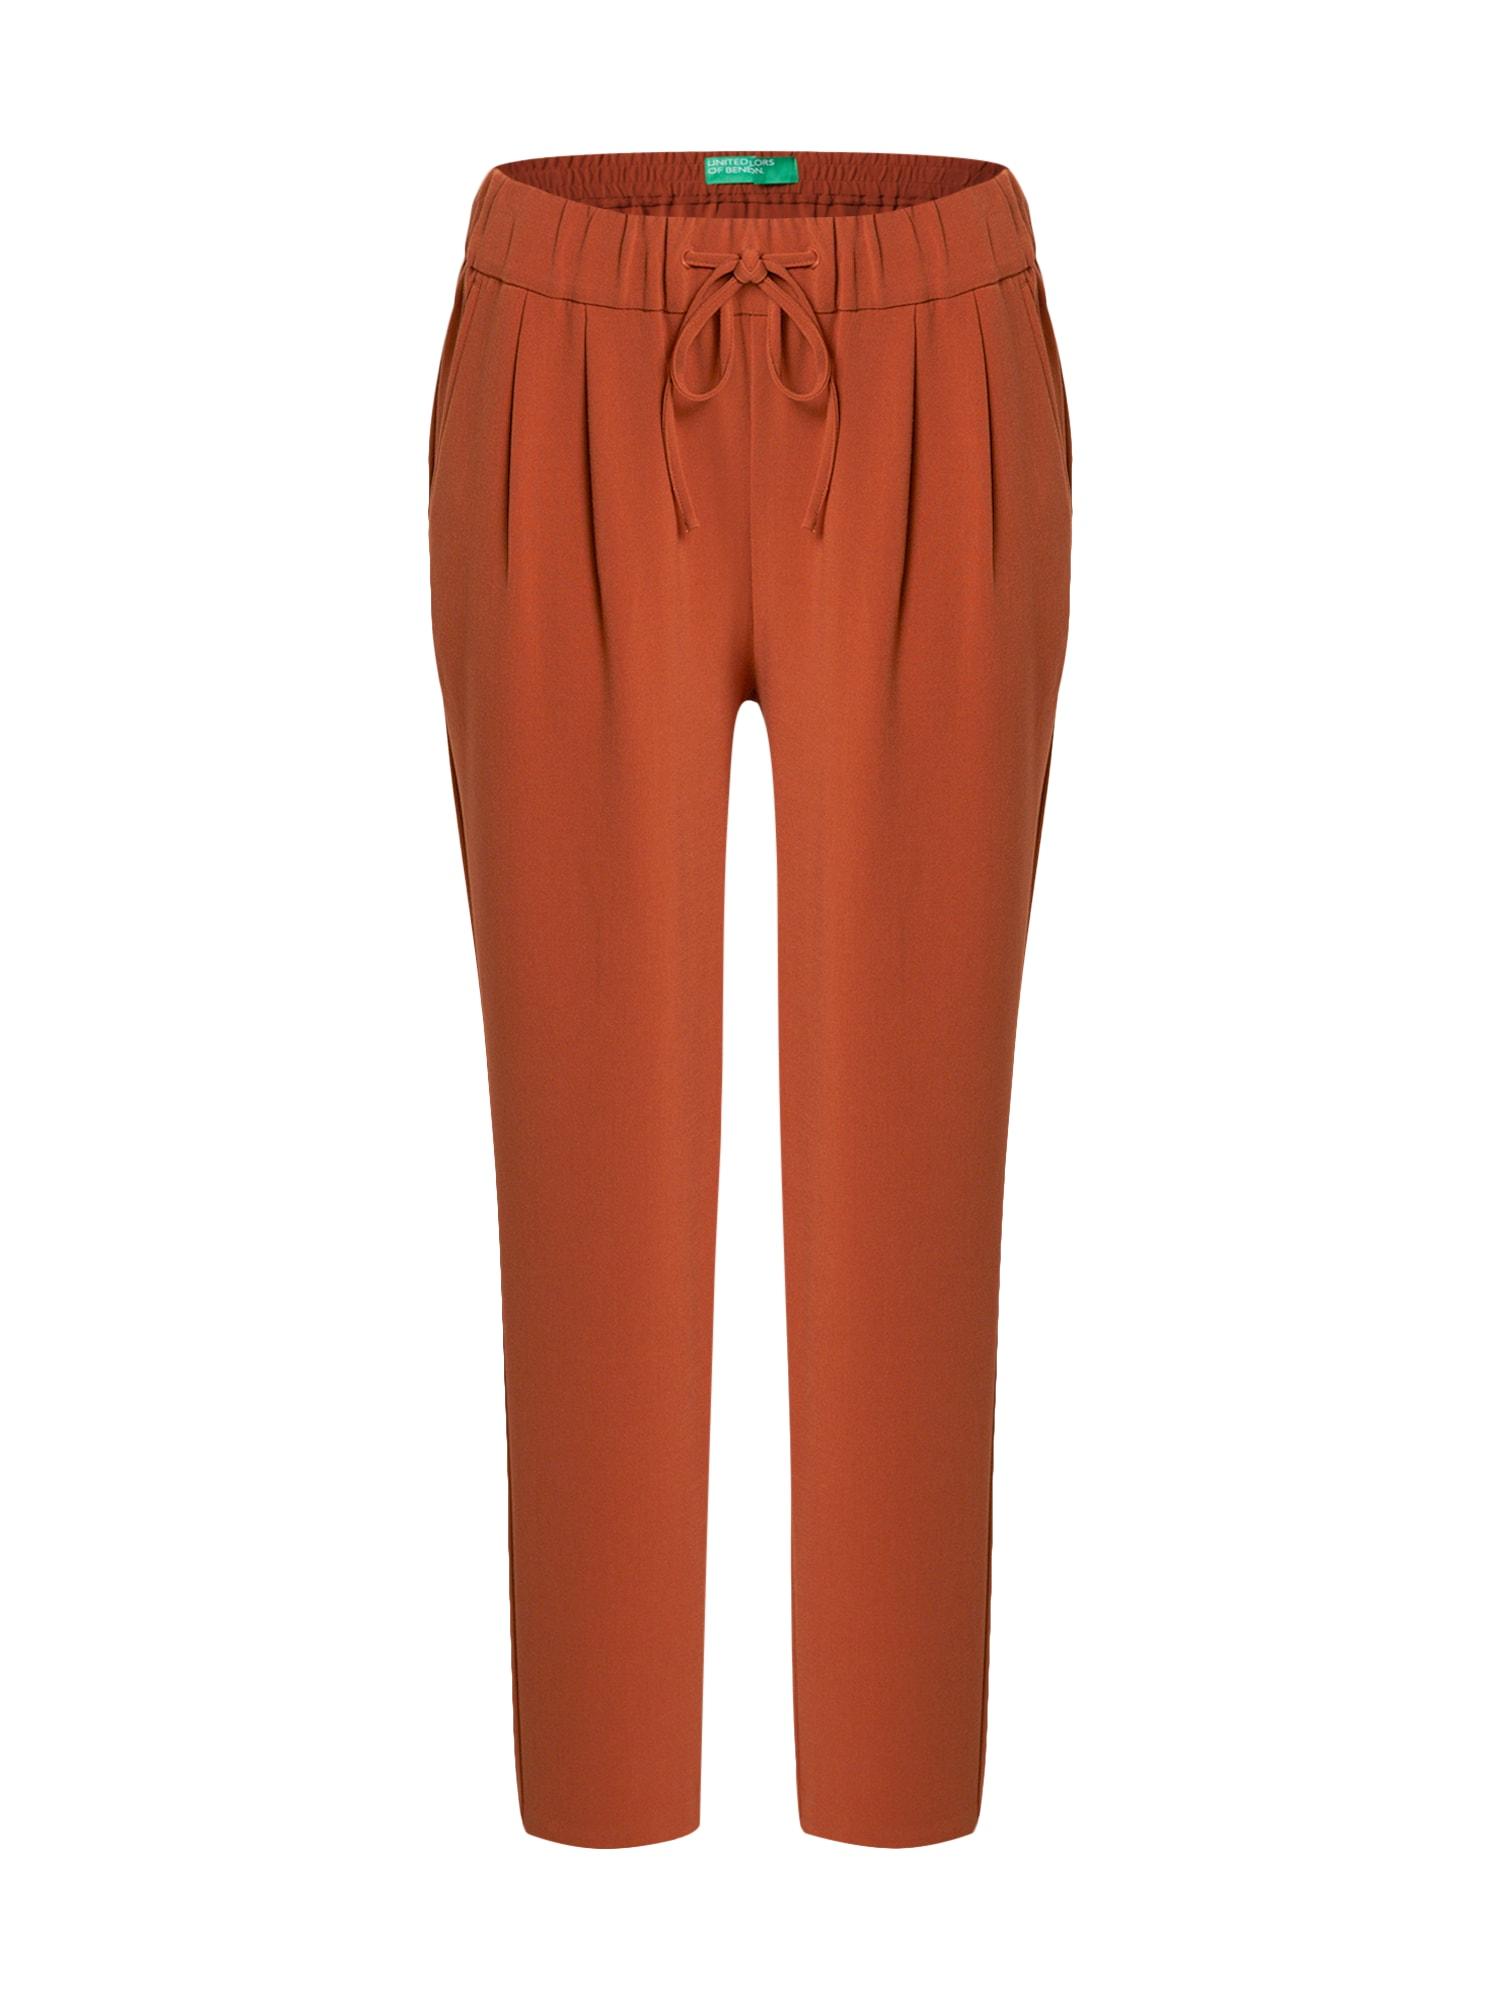 UNITED COLORS OF BENETTON Kalhoty  světle hnědá